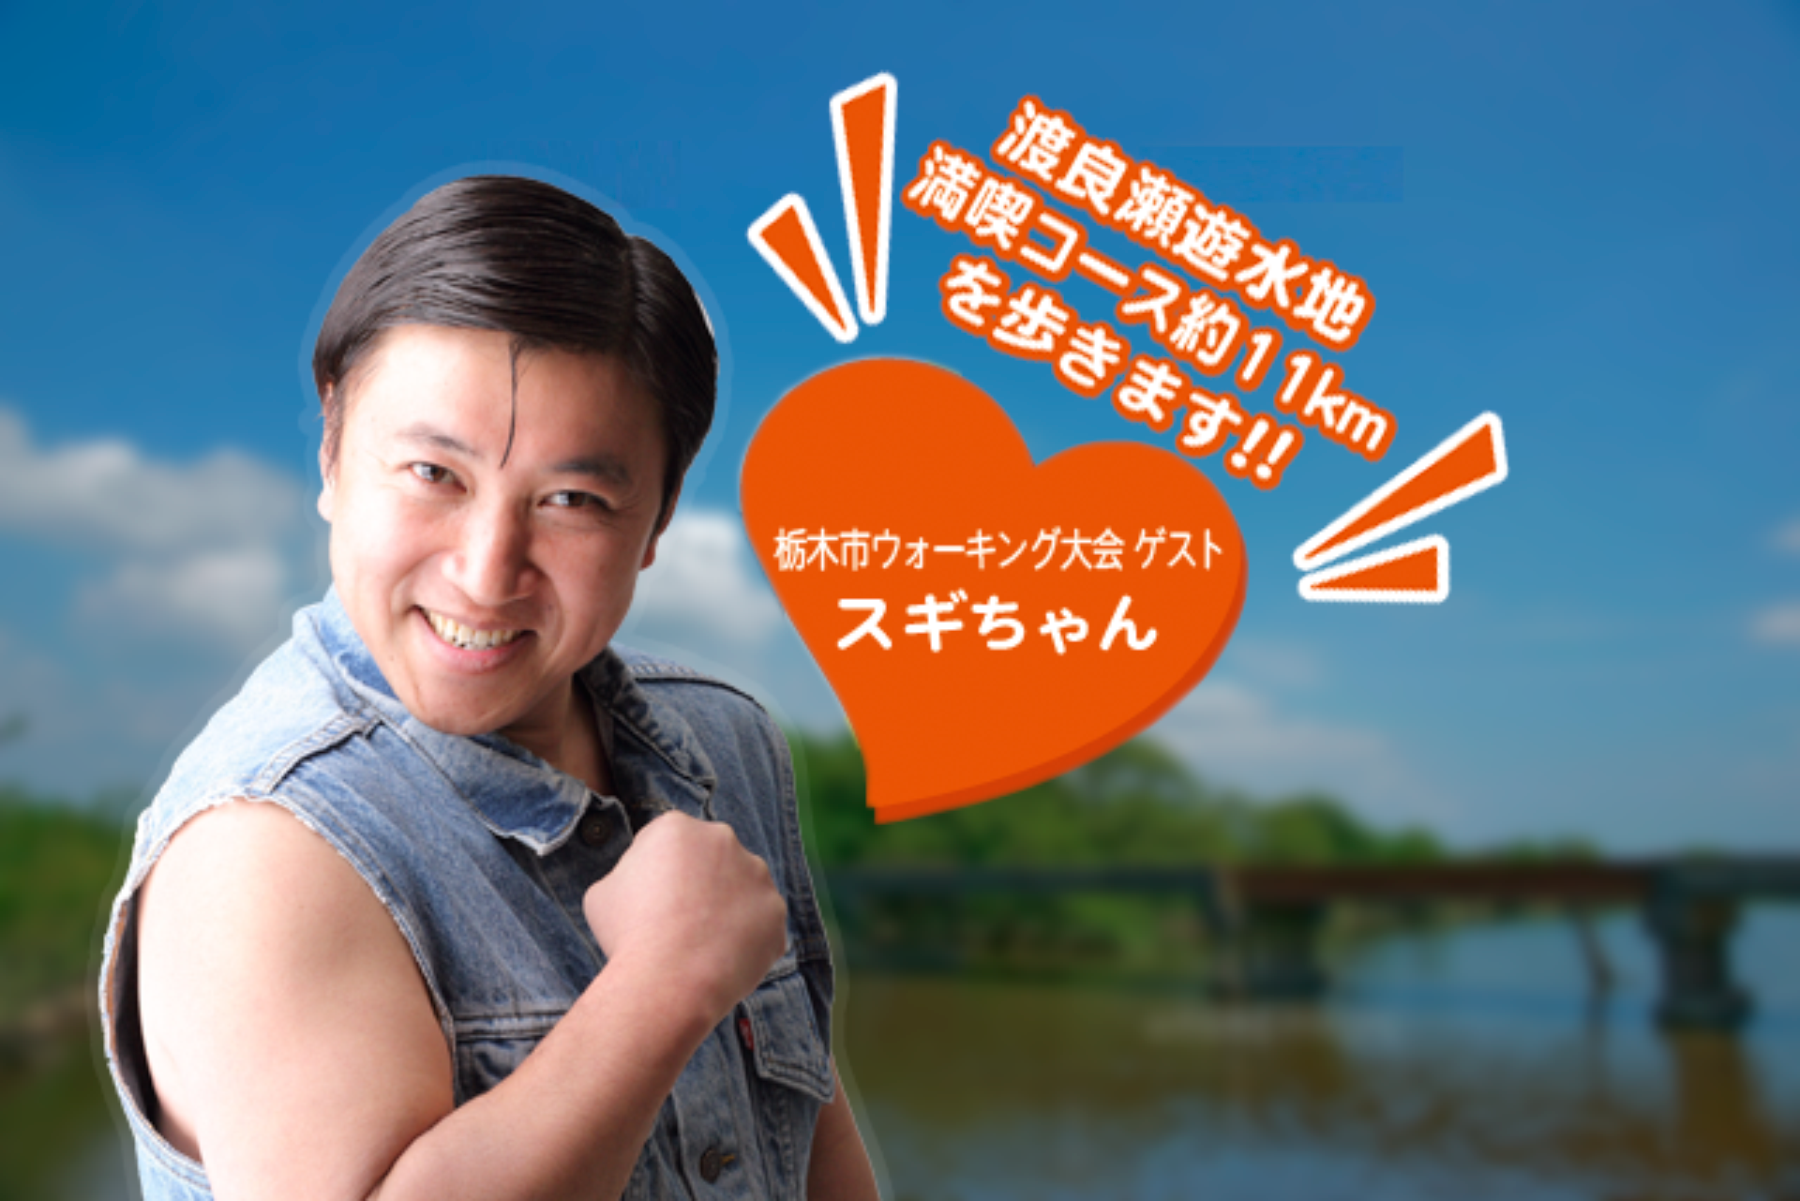 第5回 栃木市ウォーキング大会 ゲスト スギちゃん